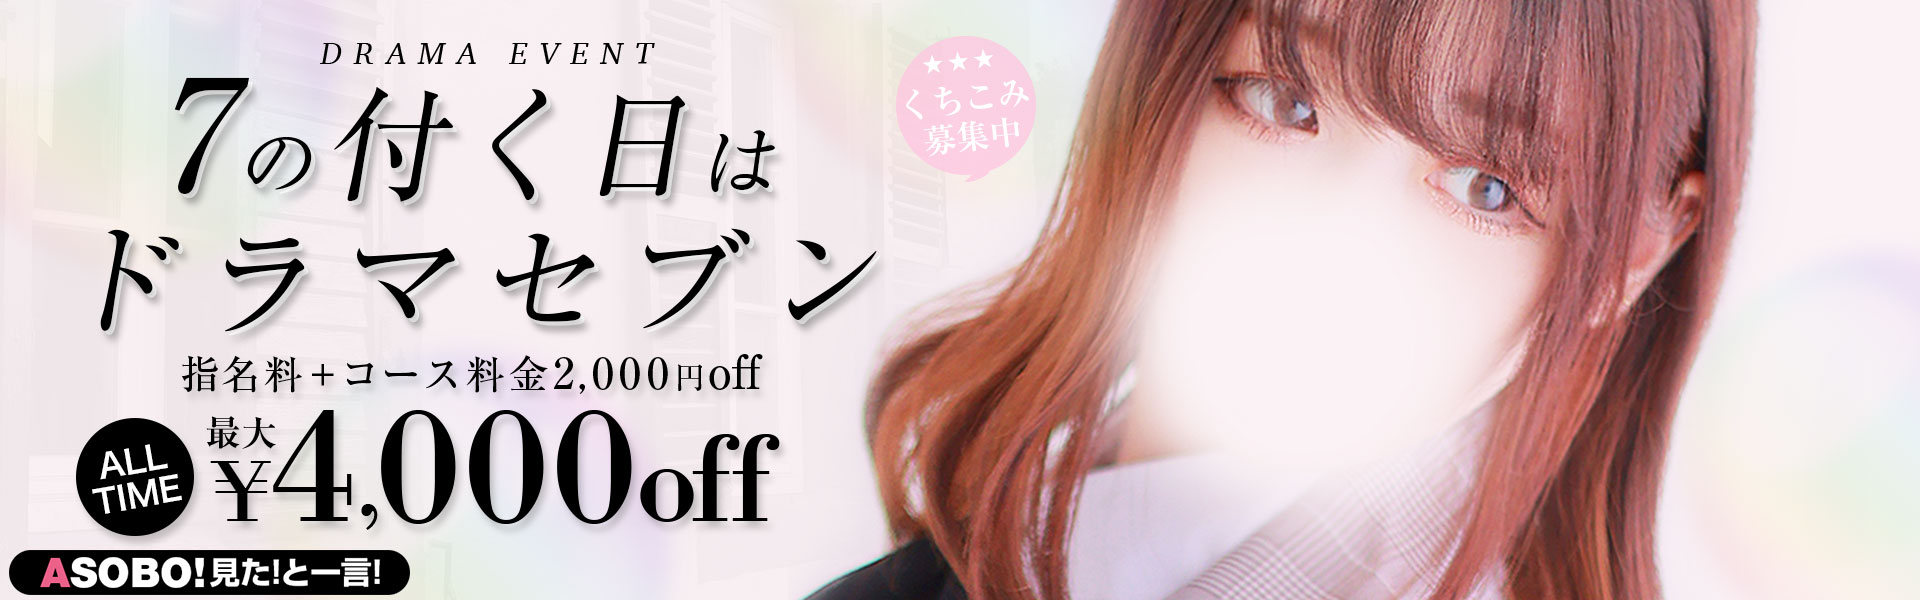 DRAMA-ドラマ-